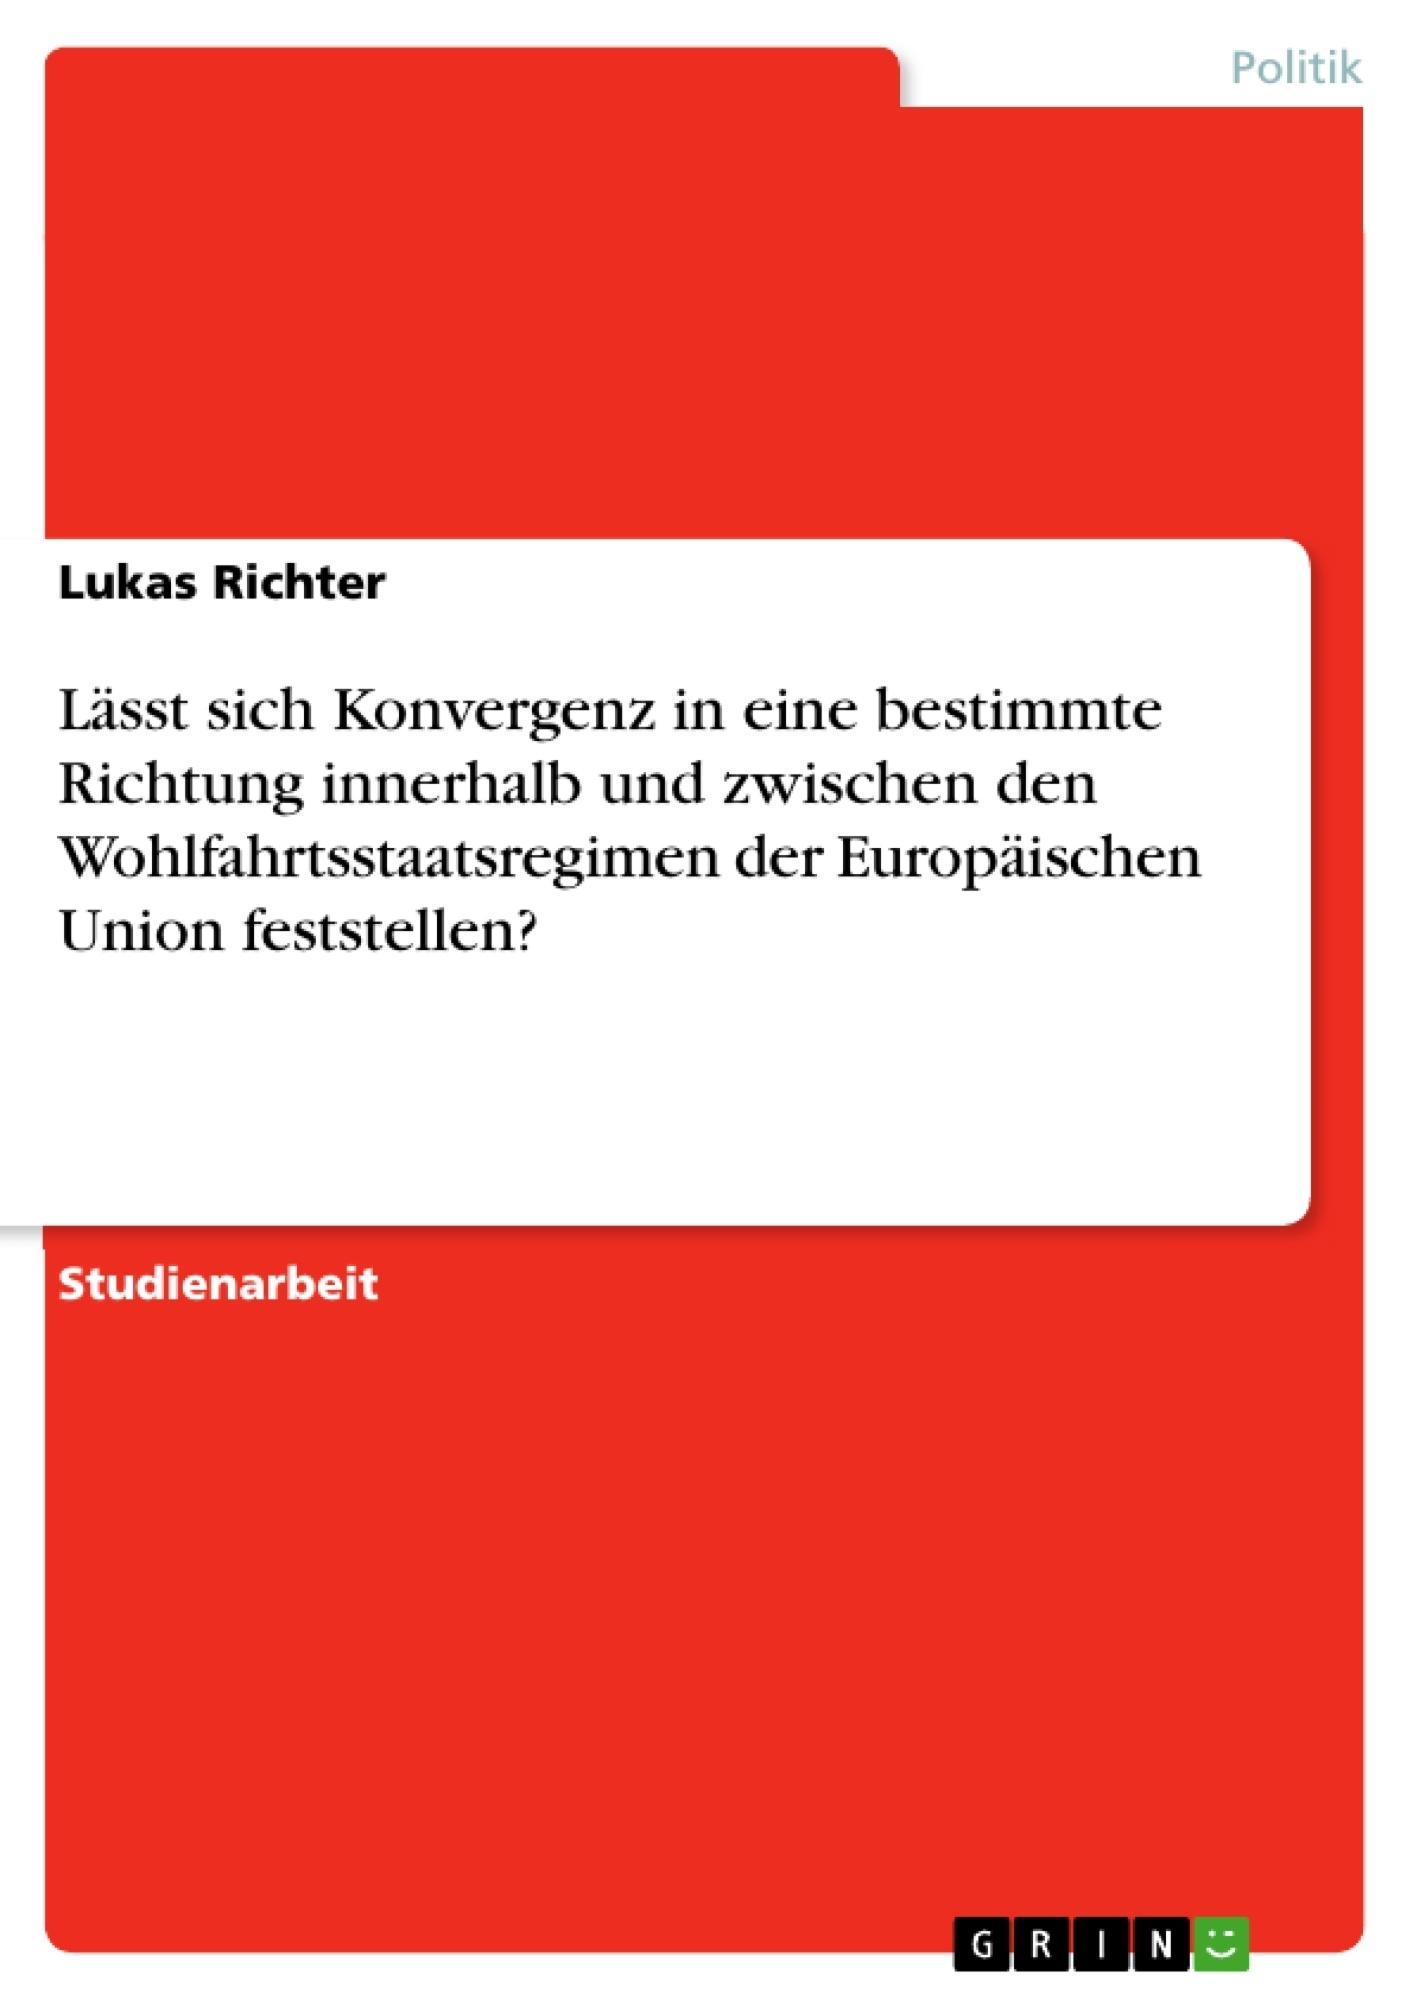 Titel: Lässt sich Konvergenz in eine bestimmte Richtung innerhalb und zwischen den Wohlfahrtsstaatsregimen der Europäischen Union feststellen?